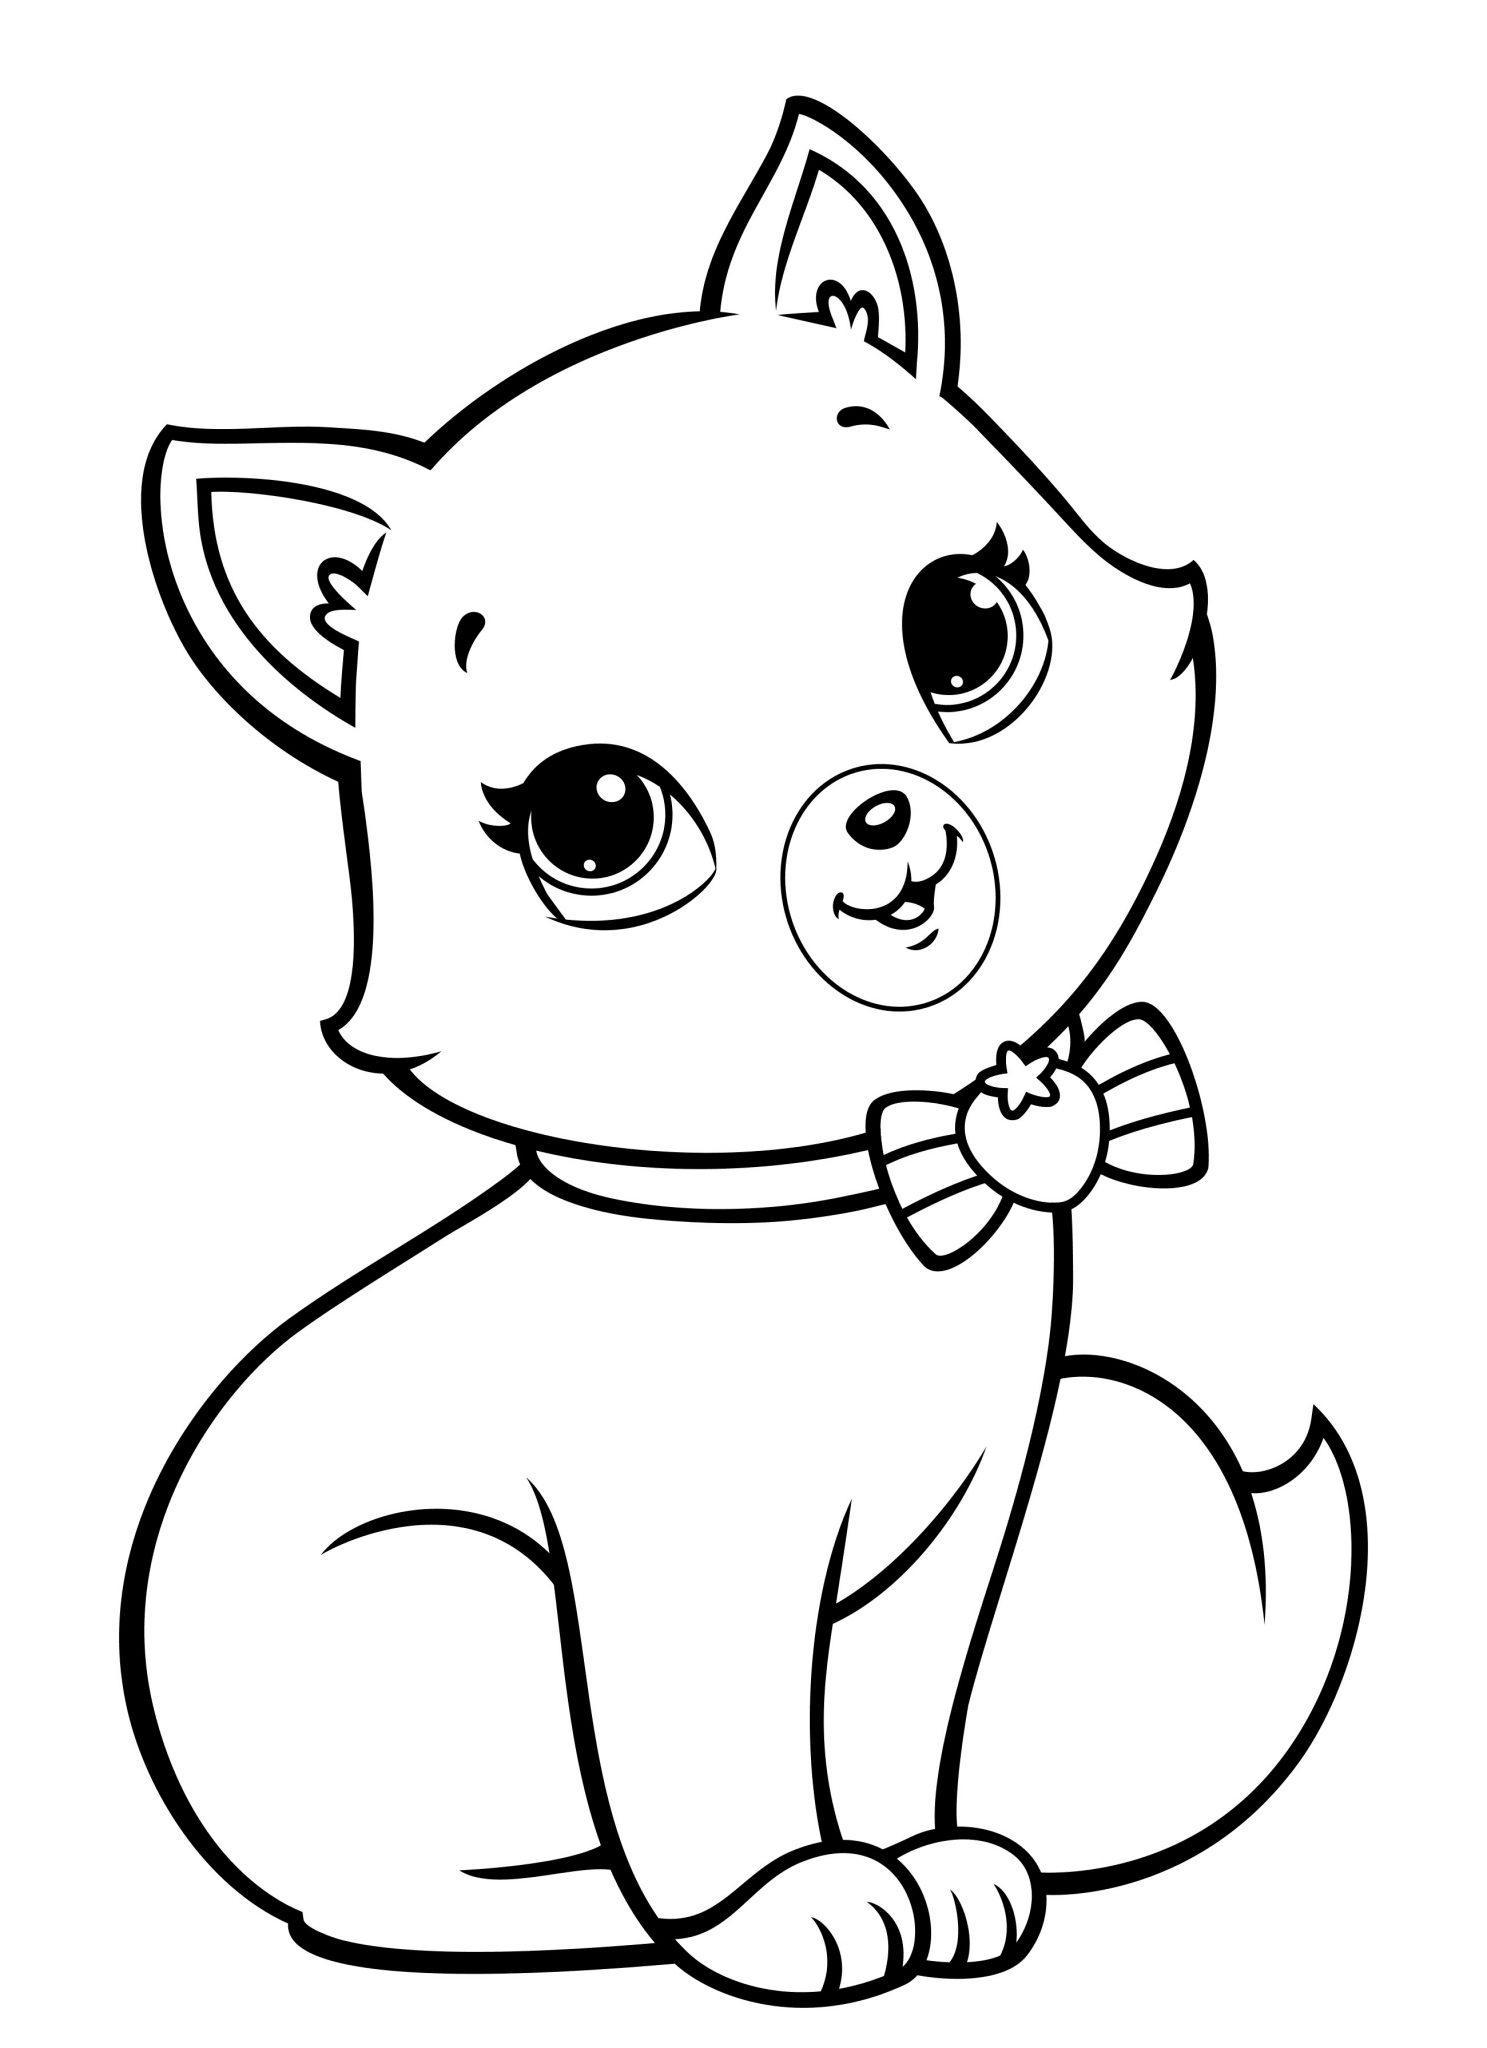 раскраска котенка для детей 3 4 лет